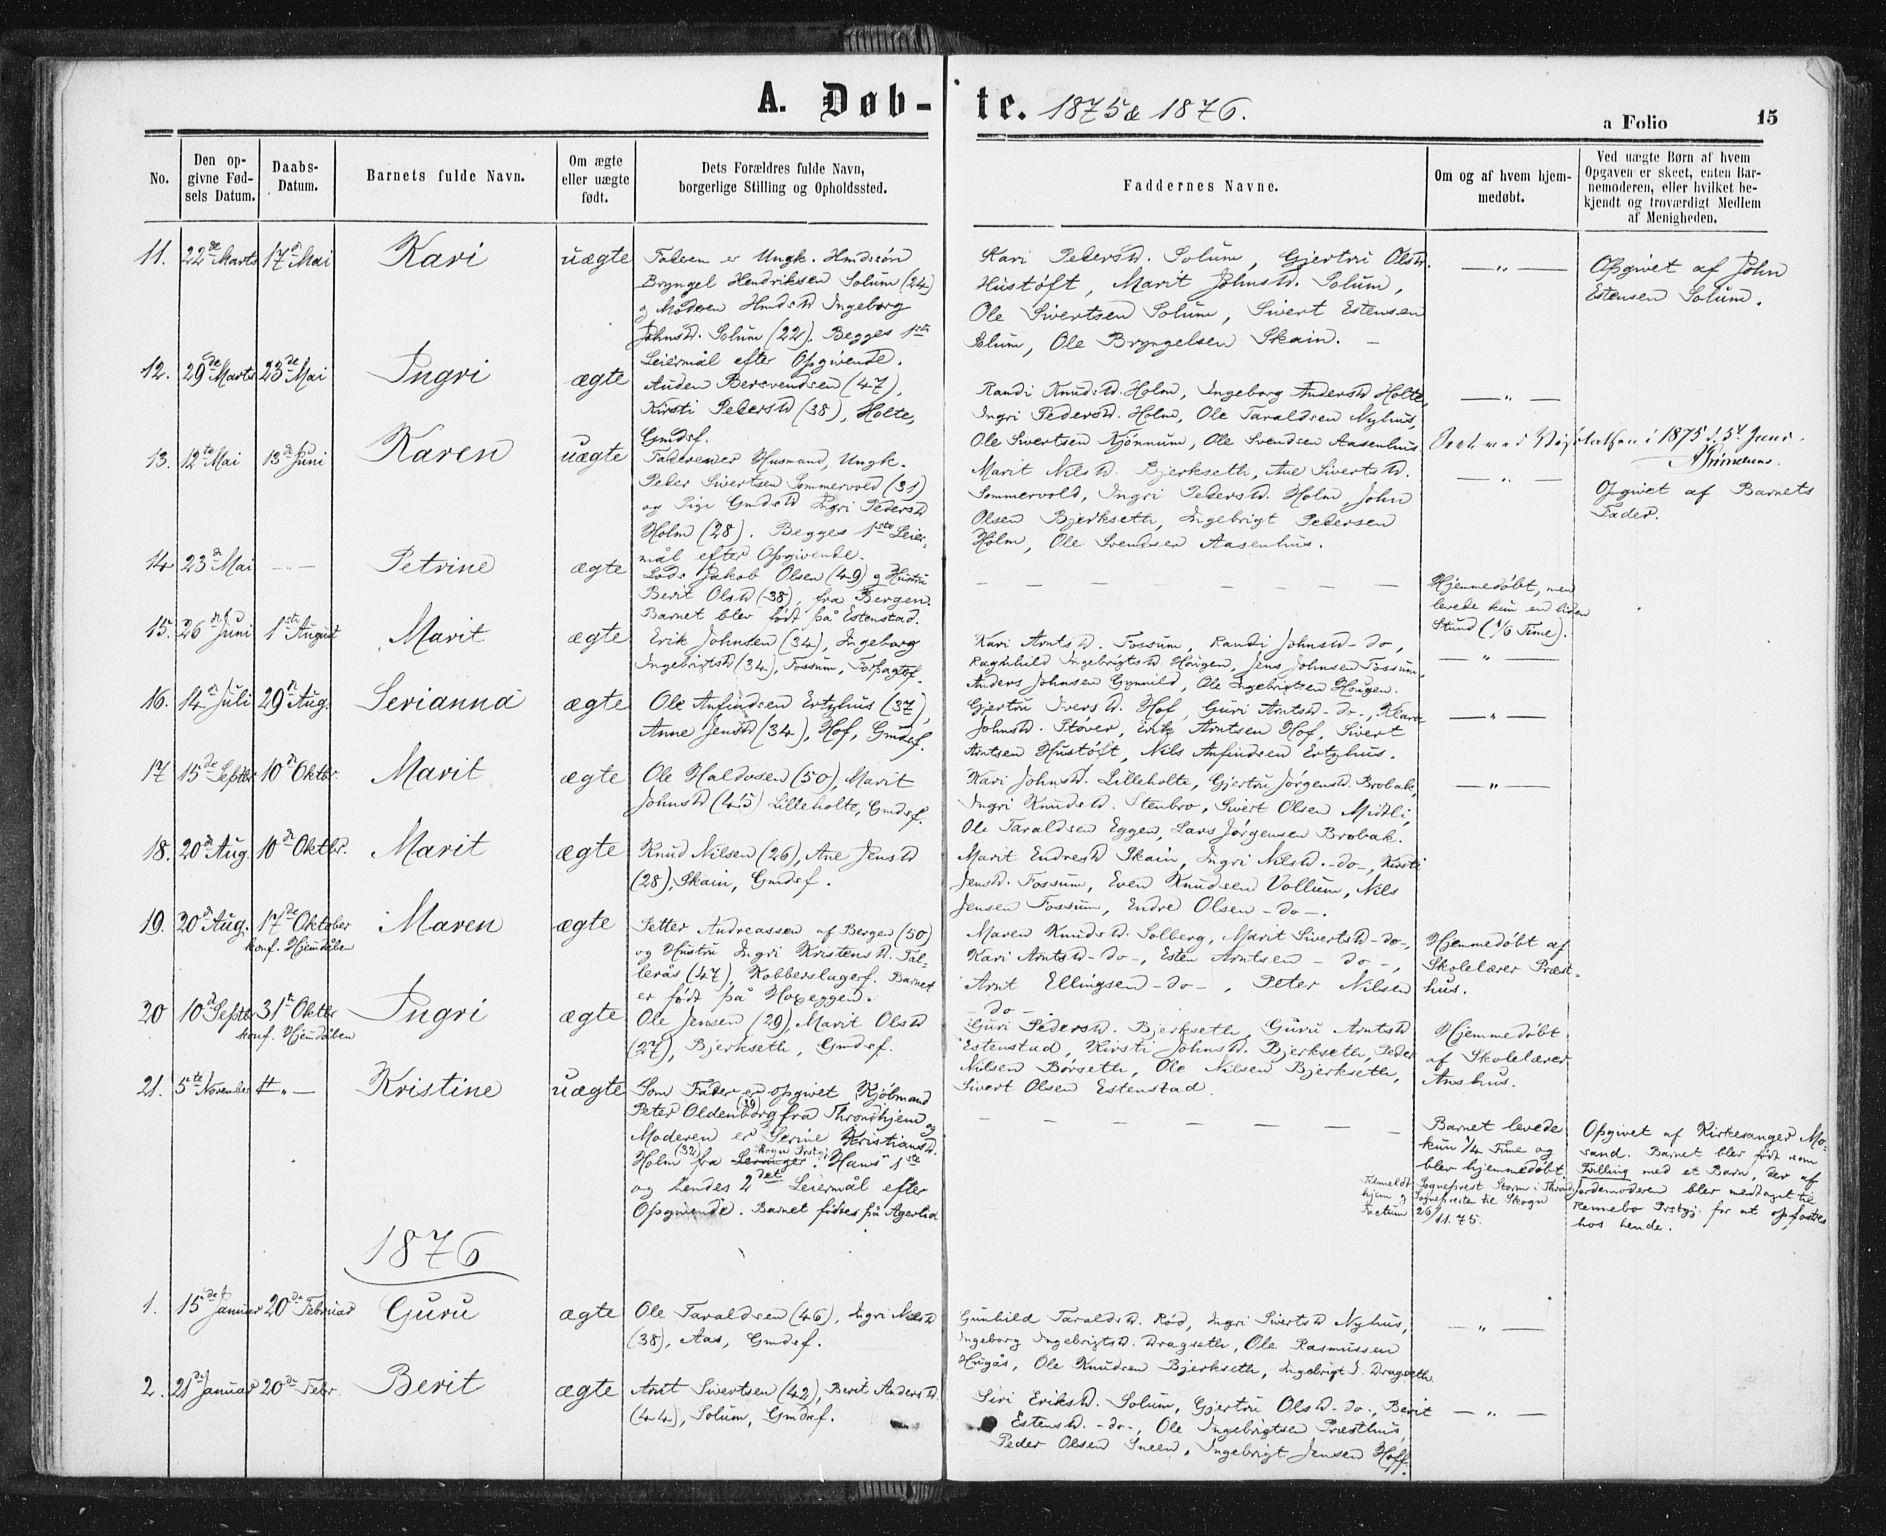 SAT, Ministerialprotokoller, klokkerbøker og fødselsregistre - Sør-Trøndelag, 689/L1039: Ministerialbok nr. 689A04, 1865-1878, s. 15